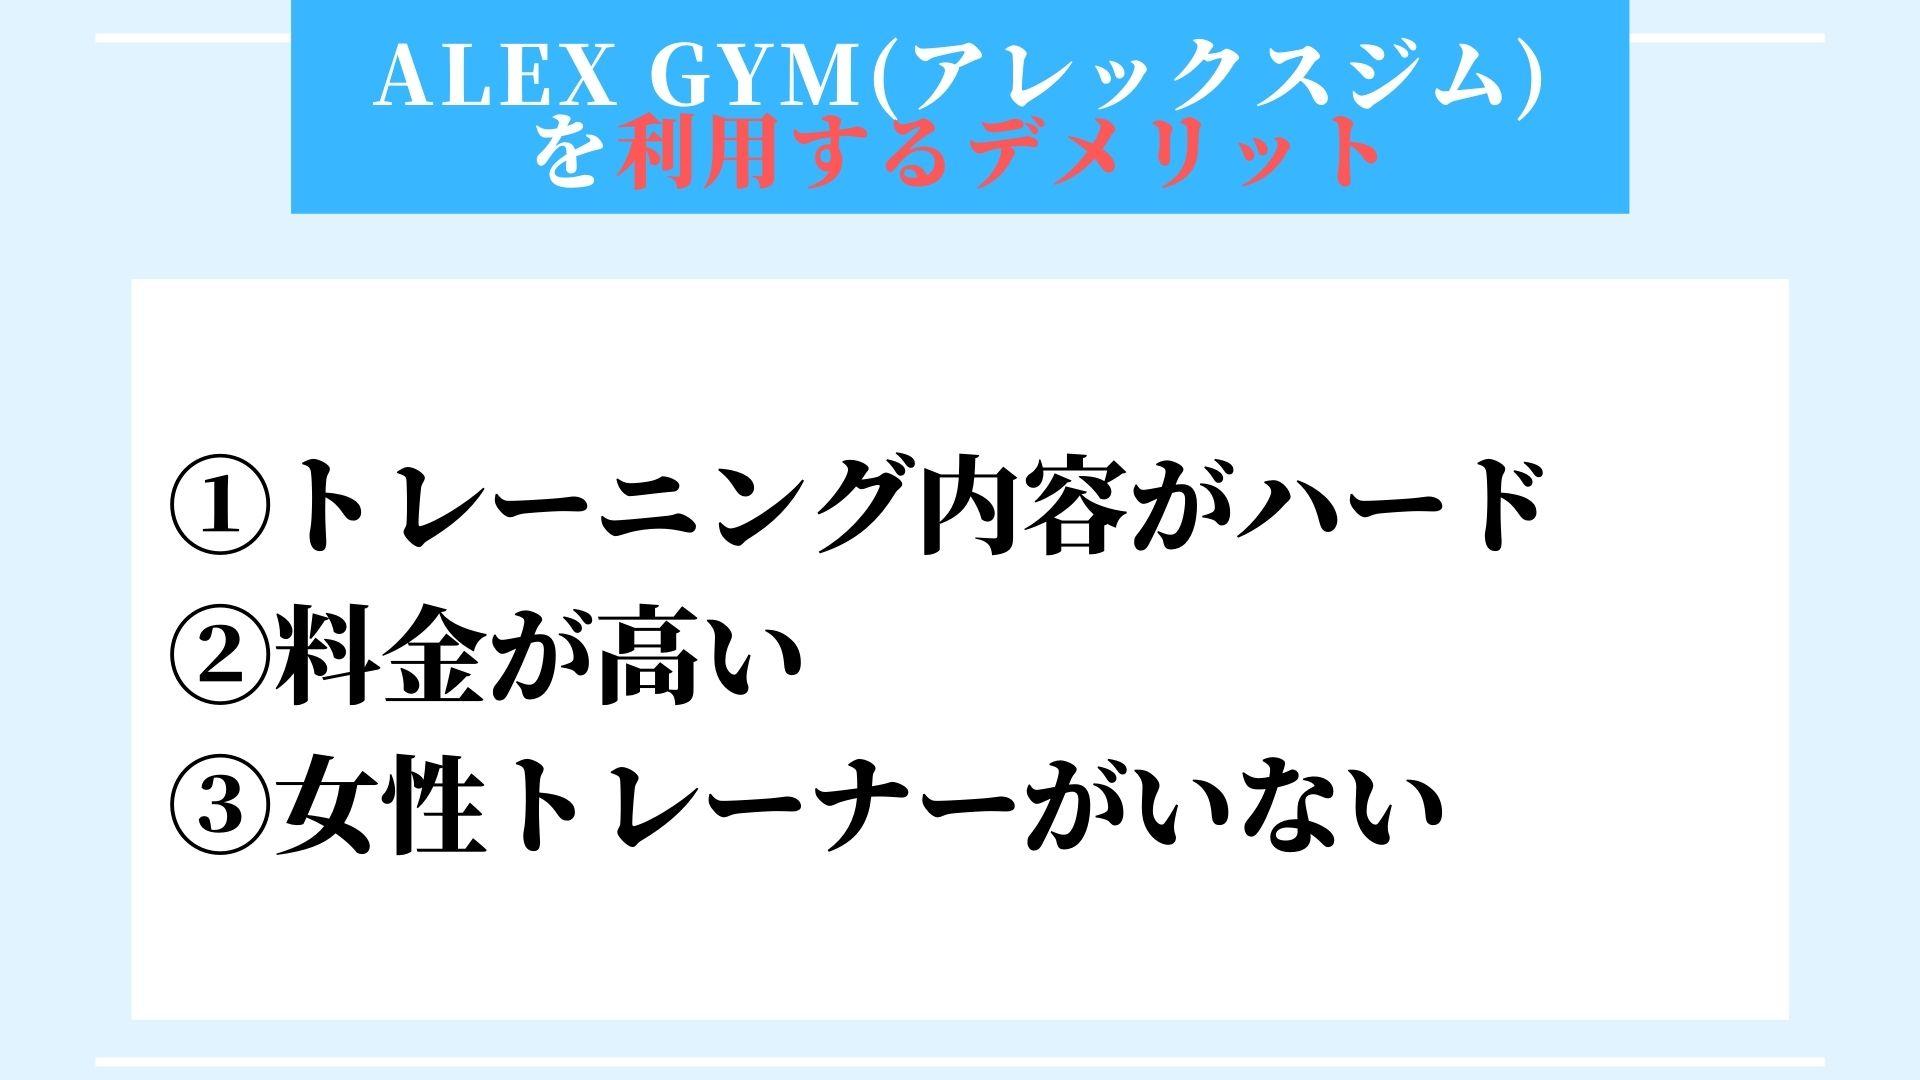 Alex gym(アレックスジム) デメリット